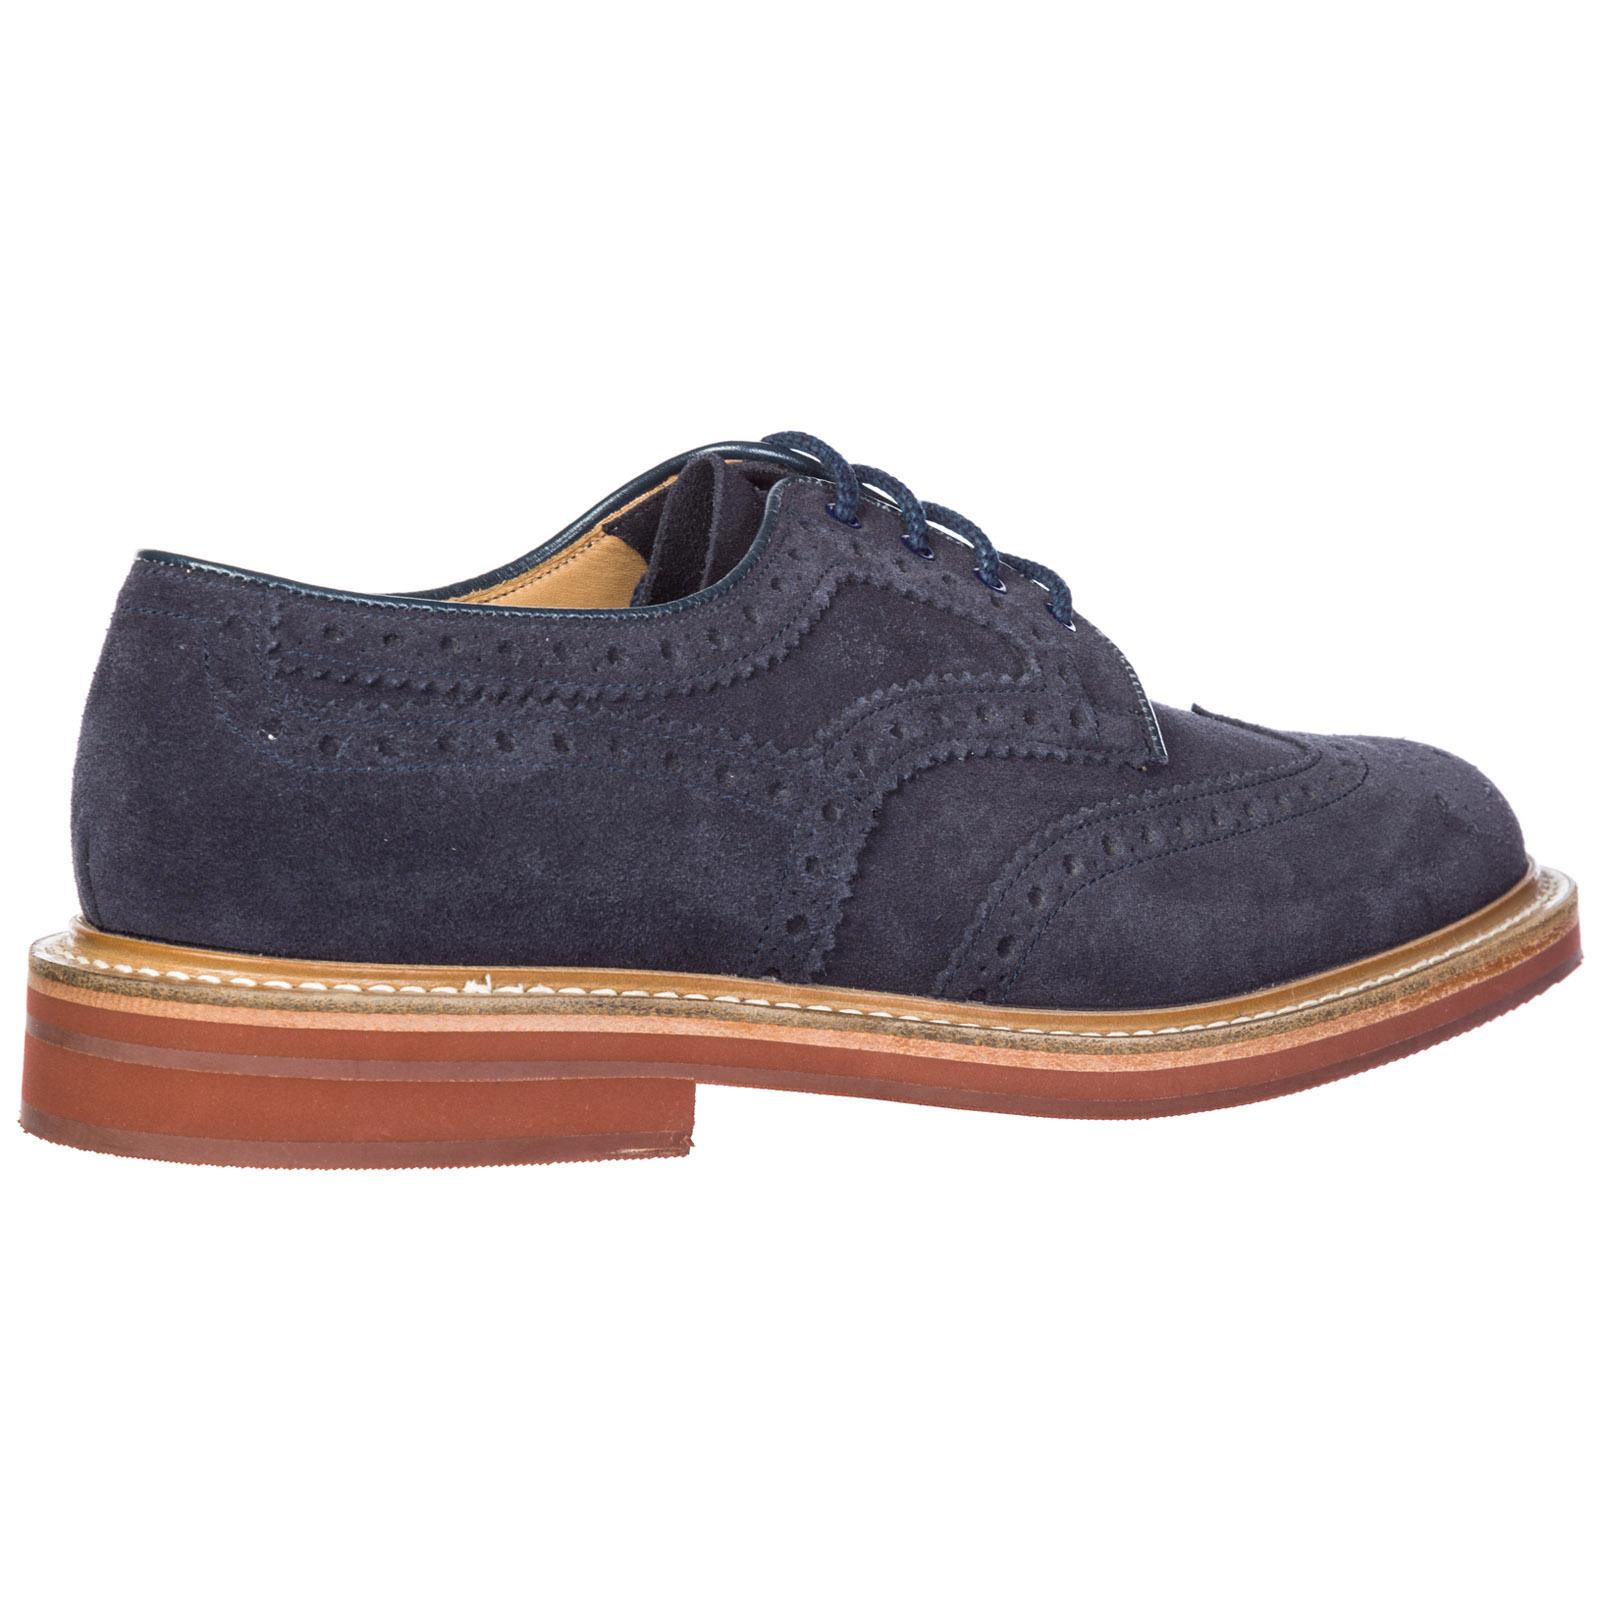 Clásico zapatos de cordones en ante hombres orby